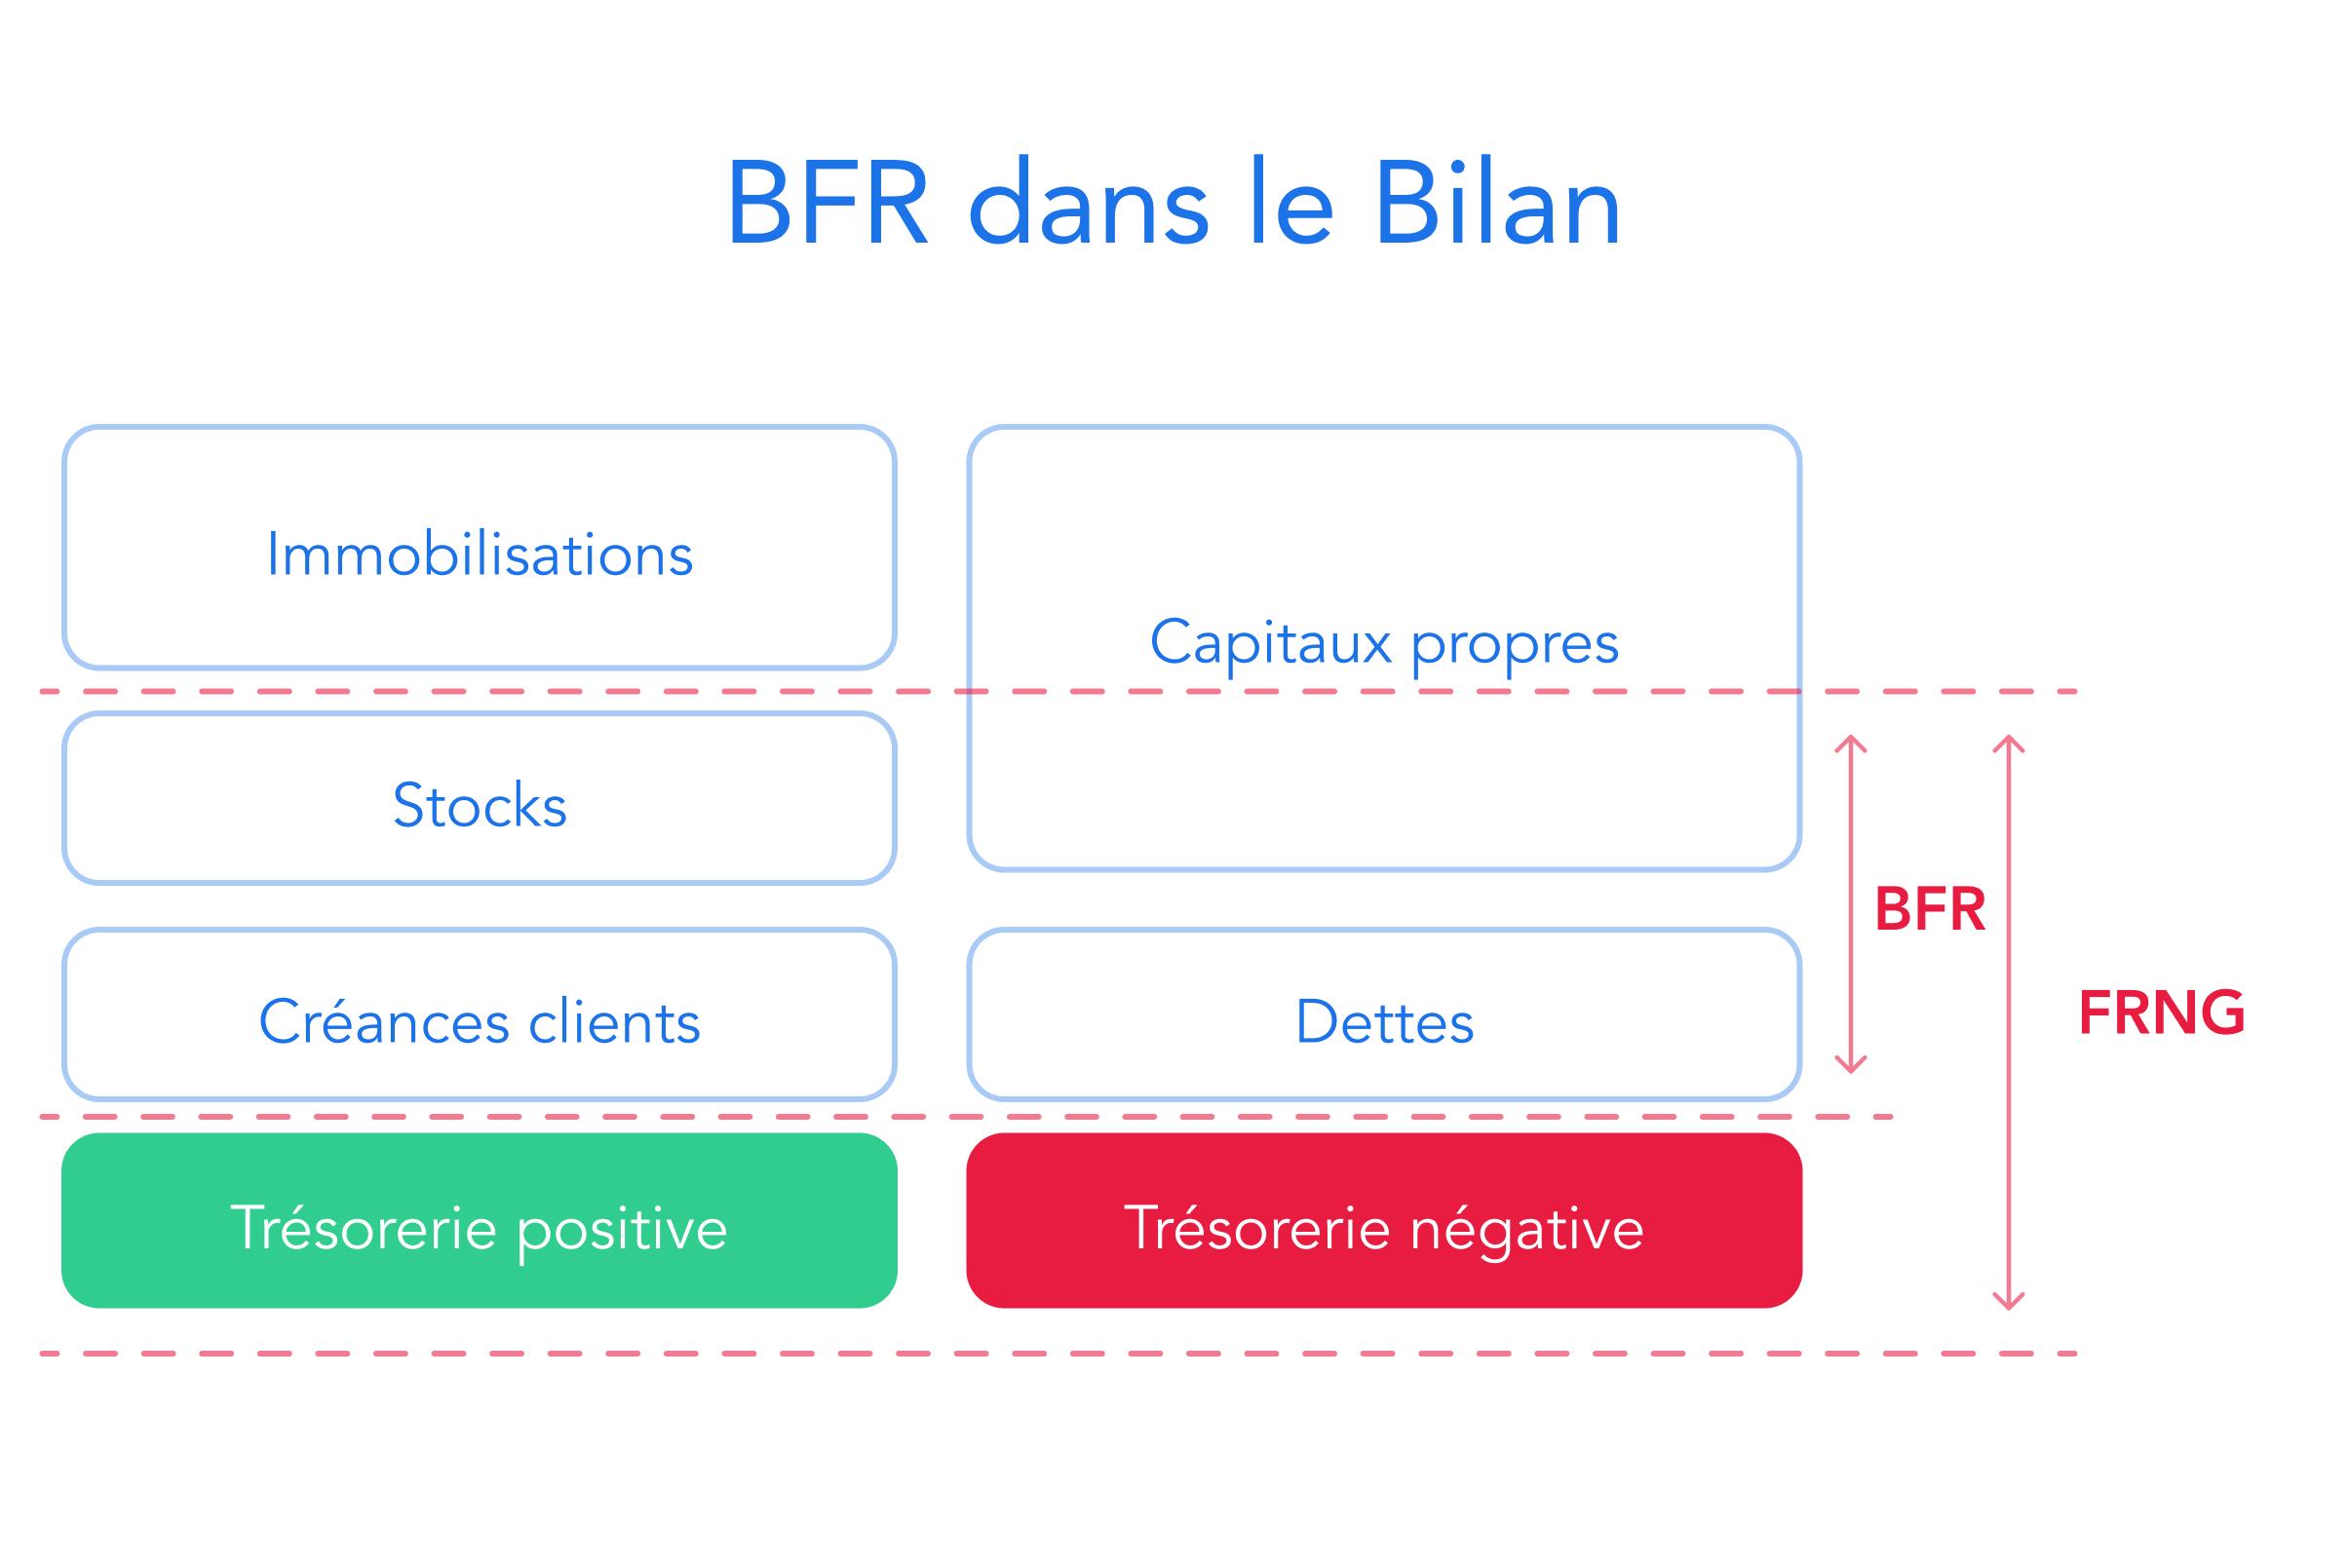 BFR dans le bilan